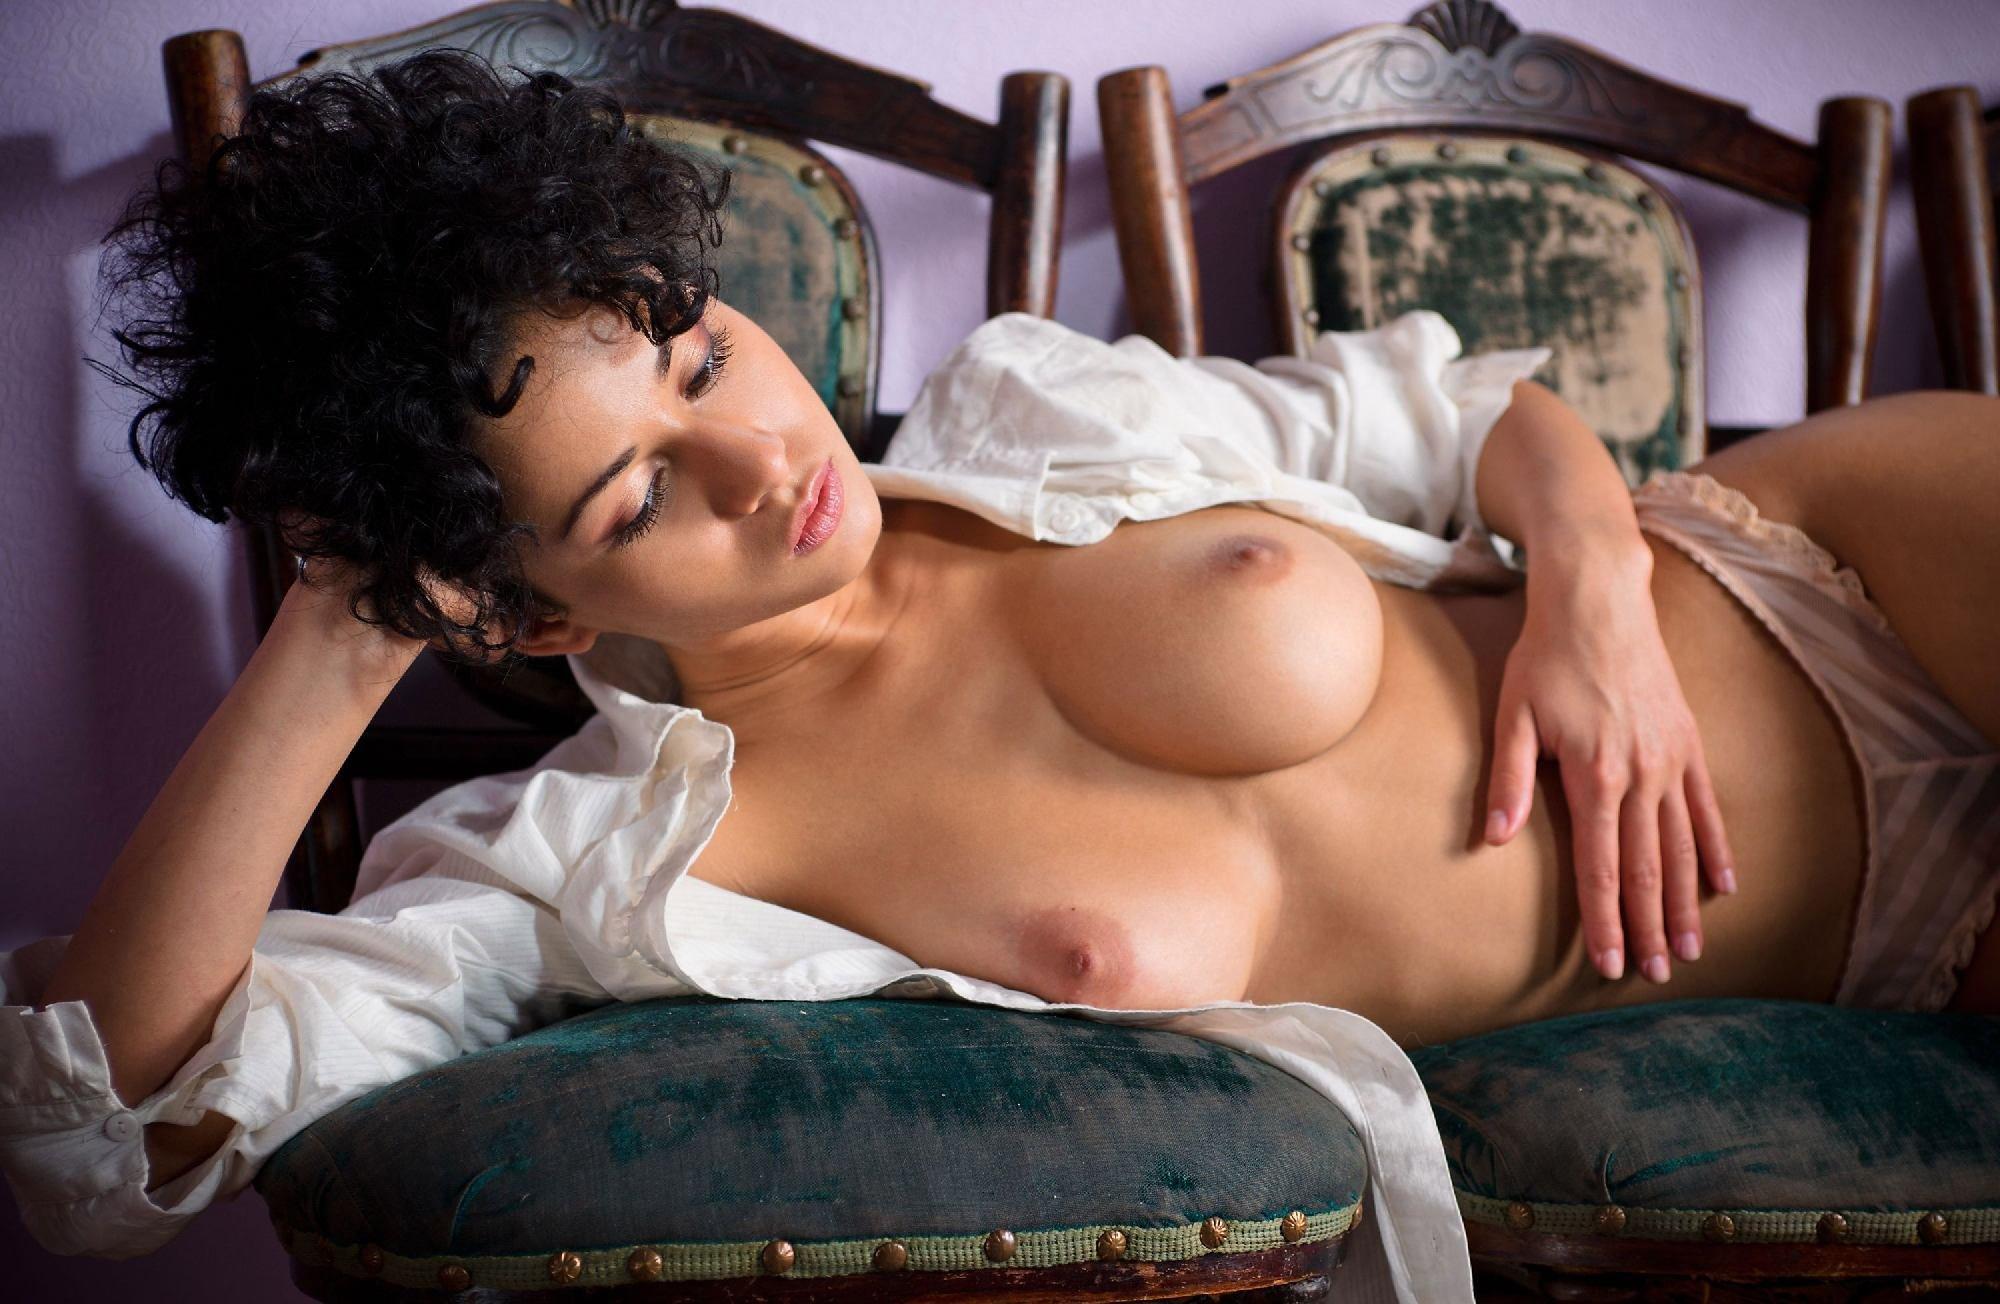 vargas-sex-paula-peralejo-nude-porn-school-girl